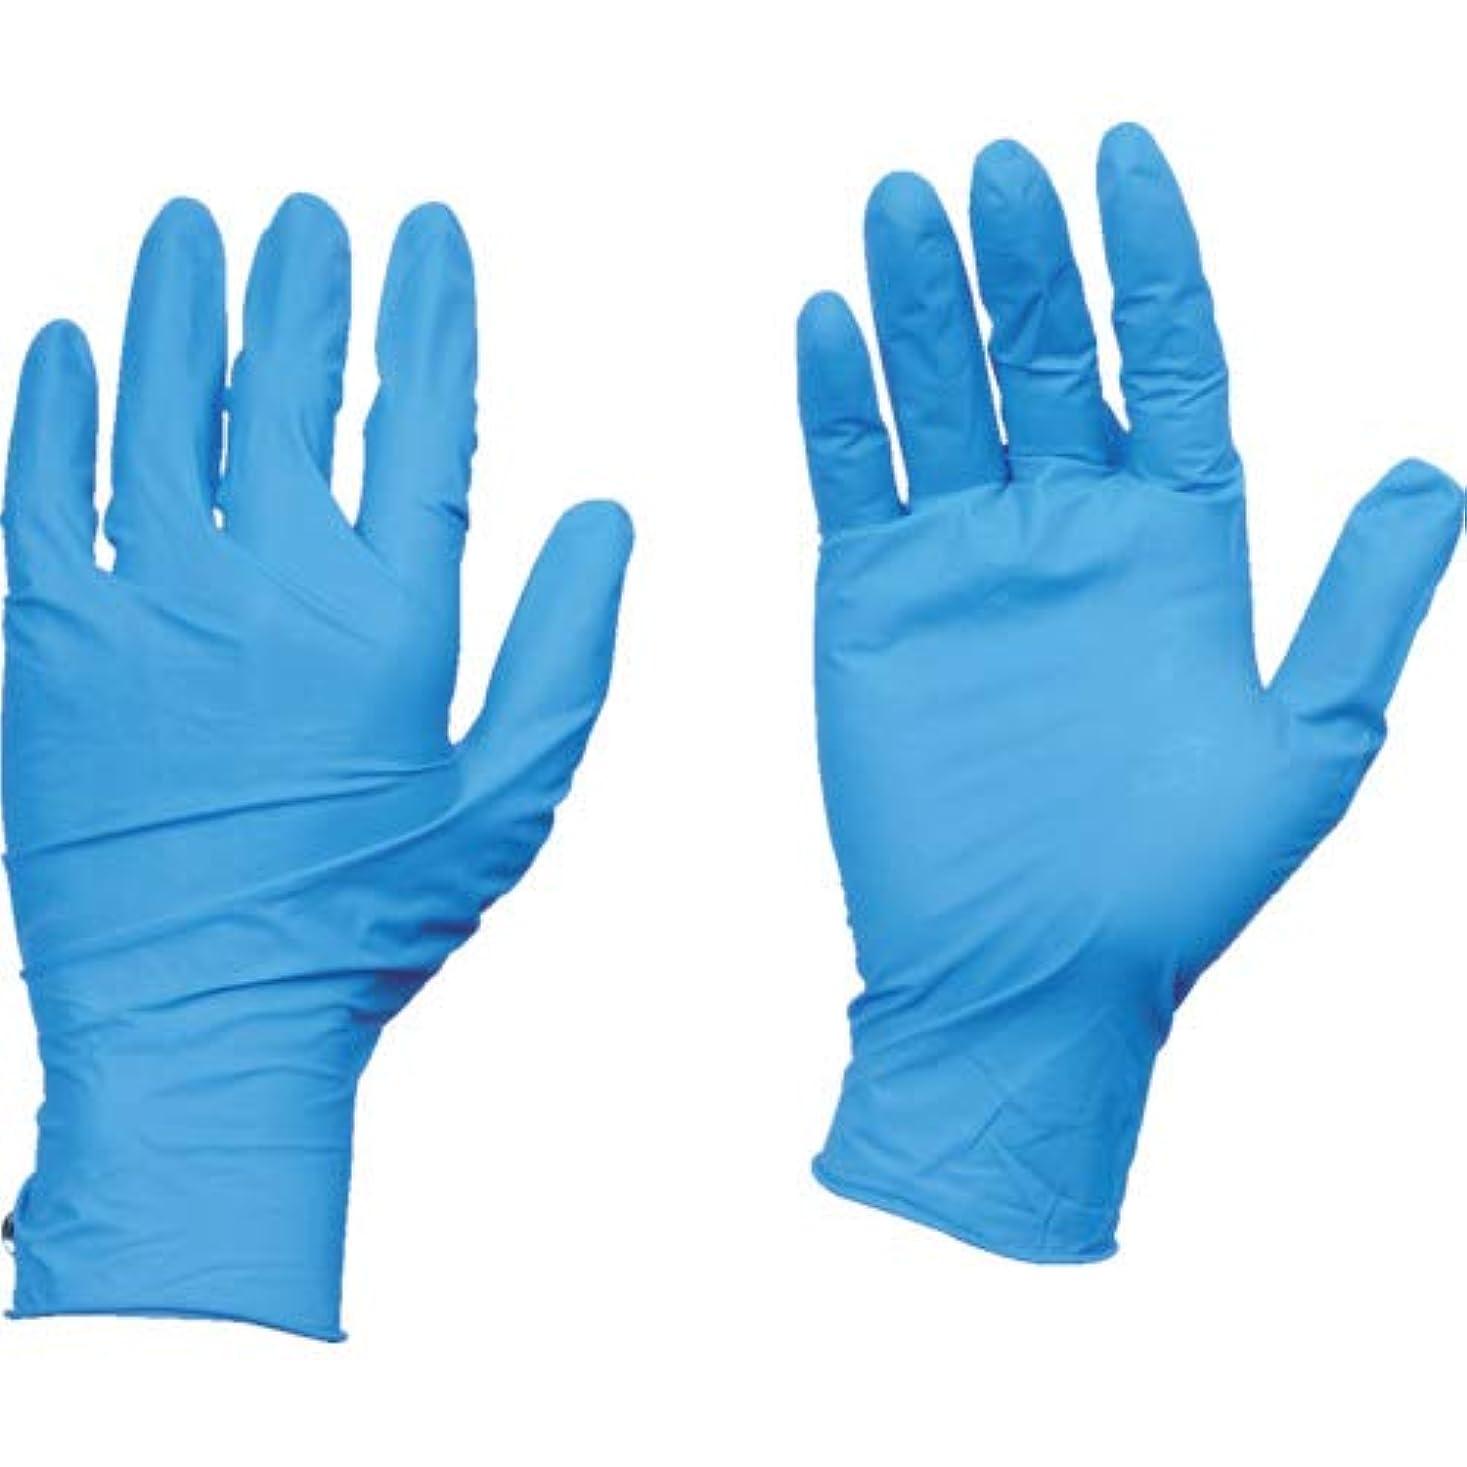 防腐剤高価なバクテリアTRUSCO(トラスコ) 10箱入り 使い捨て天然ゴム手袋TGワーク 0.10 粉付青M TGPL10BM10C